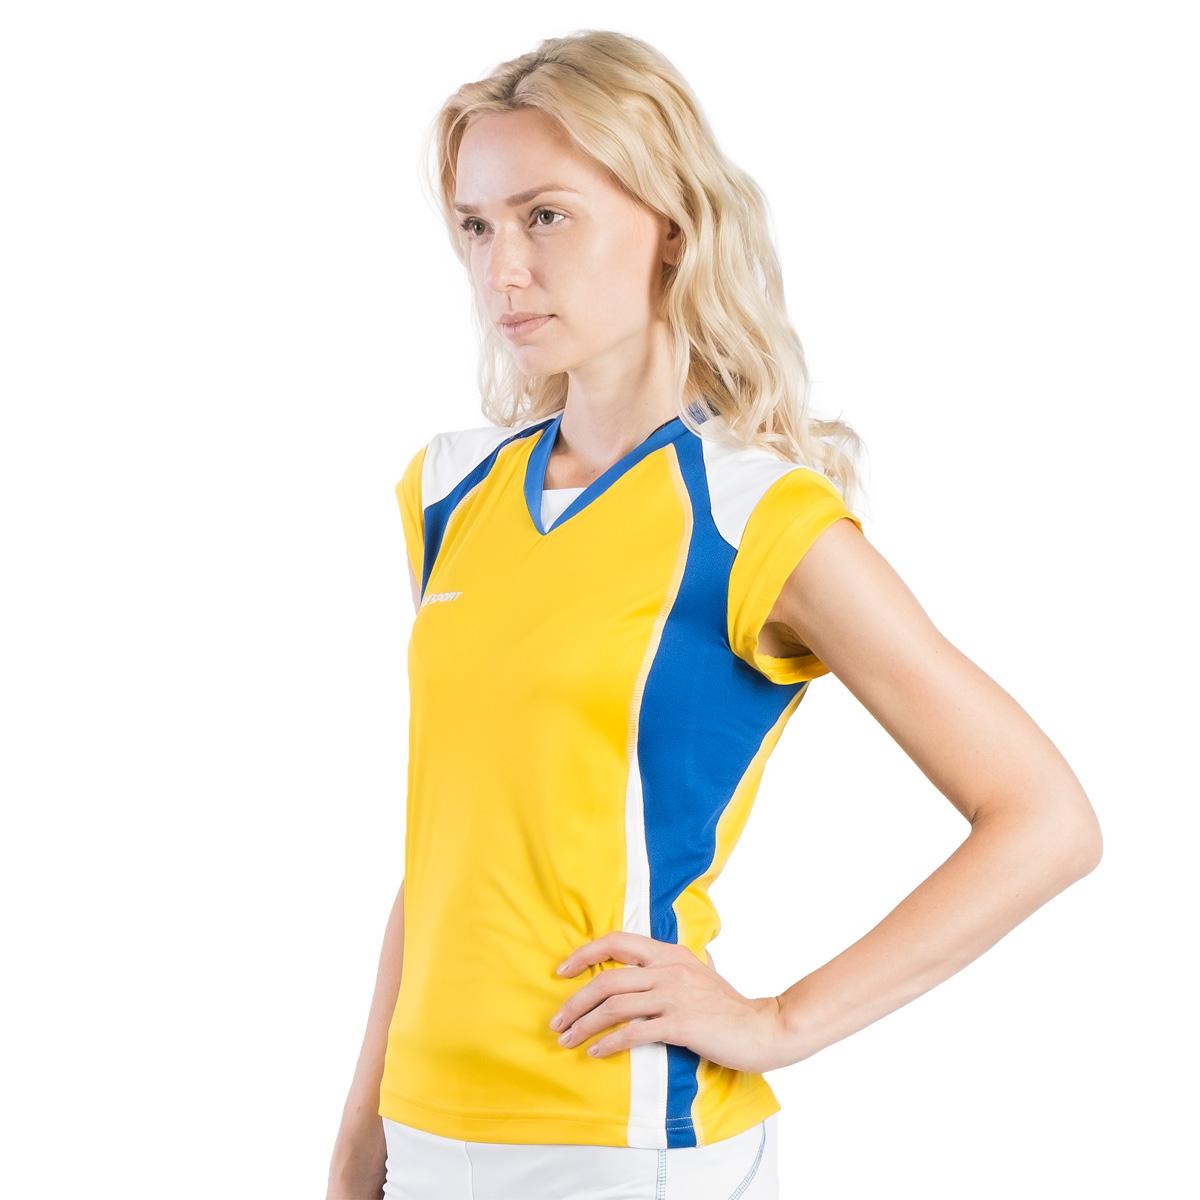 Футболка волейбольная женская 2K Sport Energy, цвет: желтый, синий, белый. 140042. Размер L (46/48)140042_yellow/royal/whiteЖенская волейбольная форма Energy подкупает своей простотой и изящностью. Футболка без рукавов из ткани повышенной прочности отделана контрастными вставками по бокам и небольшим заниженным воротником. Идеальный выбор как для профессионалов, так и для любителей. Плотность ткани: 140 г/м.кв.